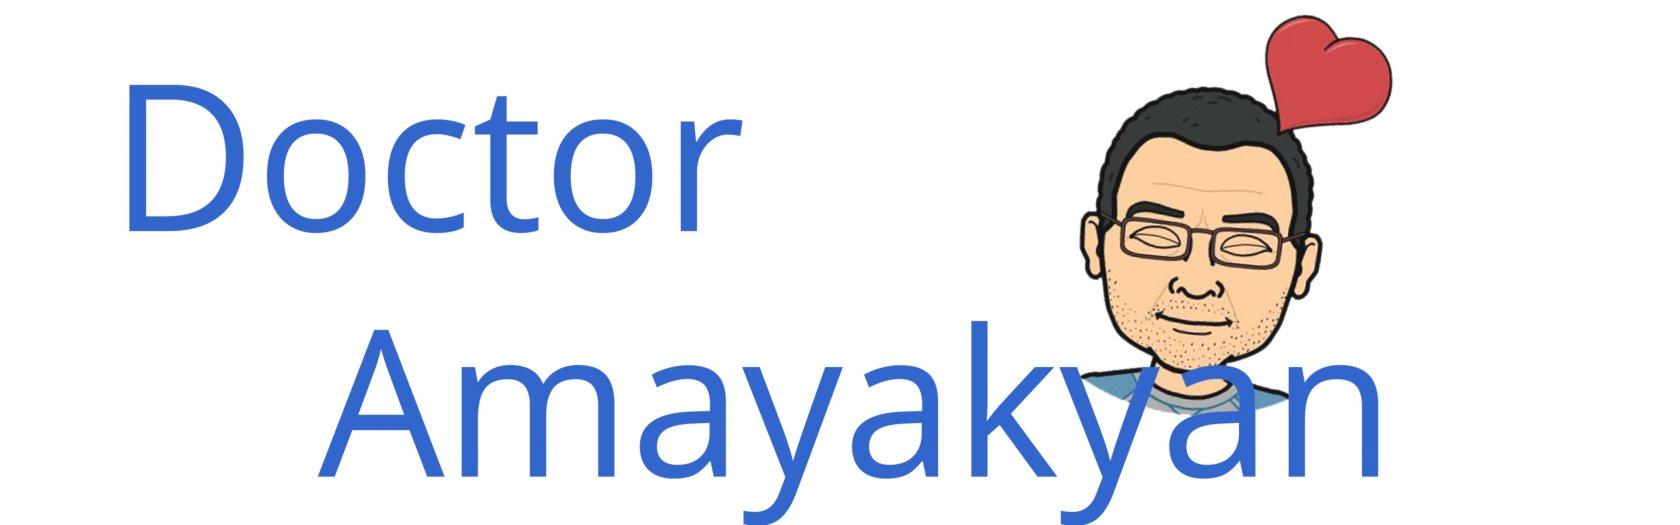 Doctor Amayakyan